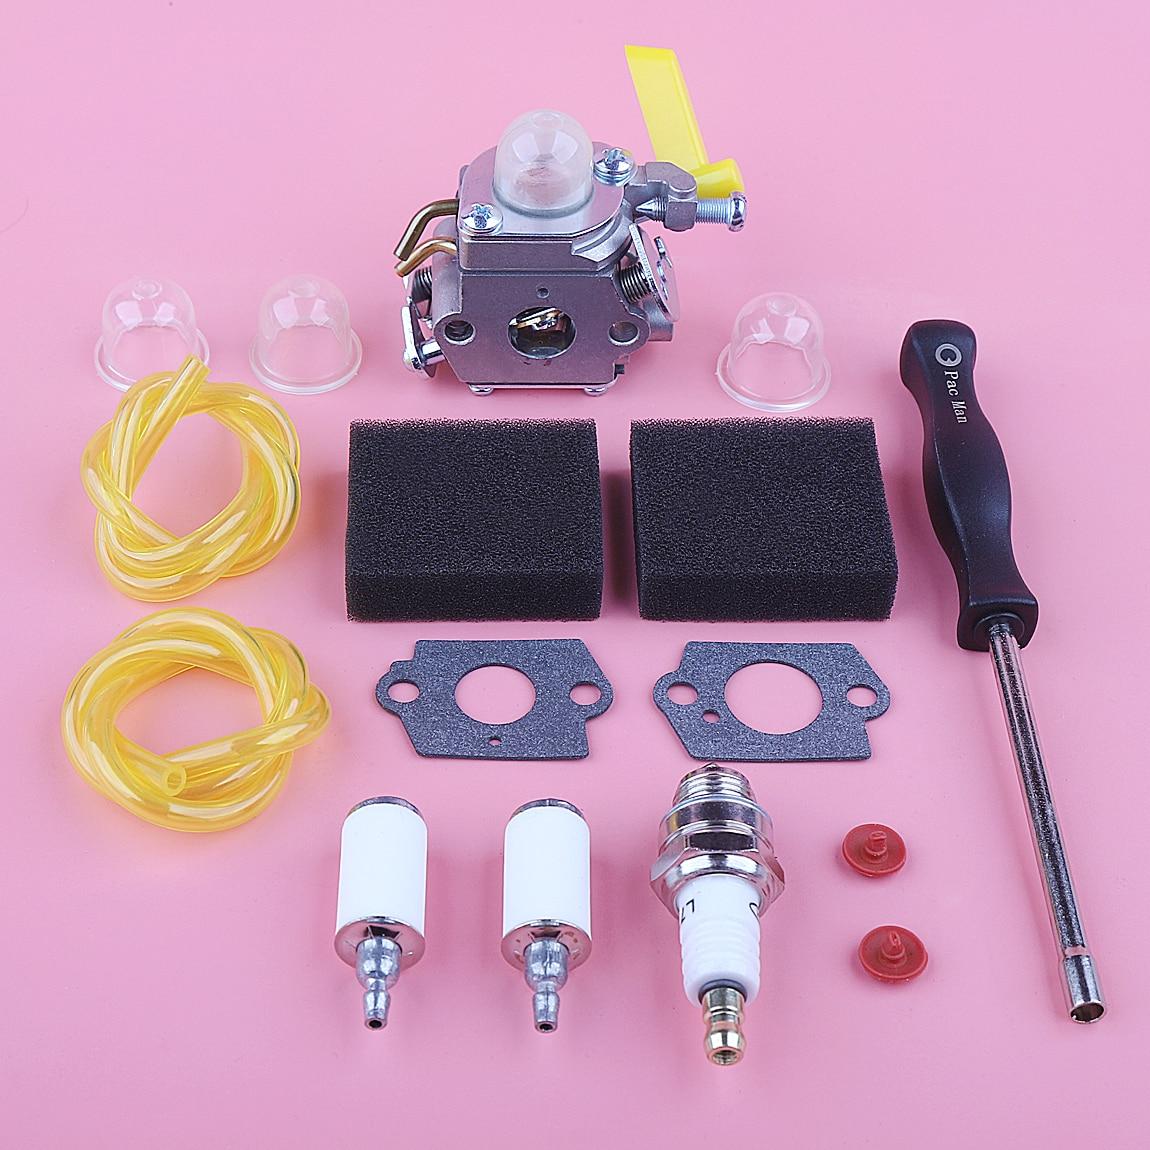 Filtro de Combustível Verificação para Homelite Carburador Válvula Ryobi Poulan Craftsman 30cc Trimmer Ventilador Zama C1u-h60 308054003 26cc ar